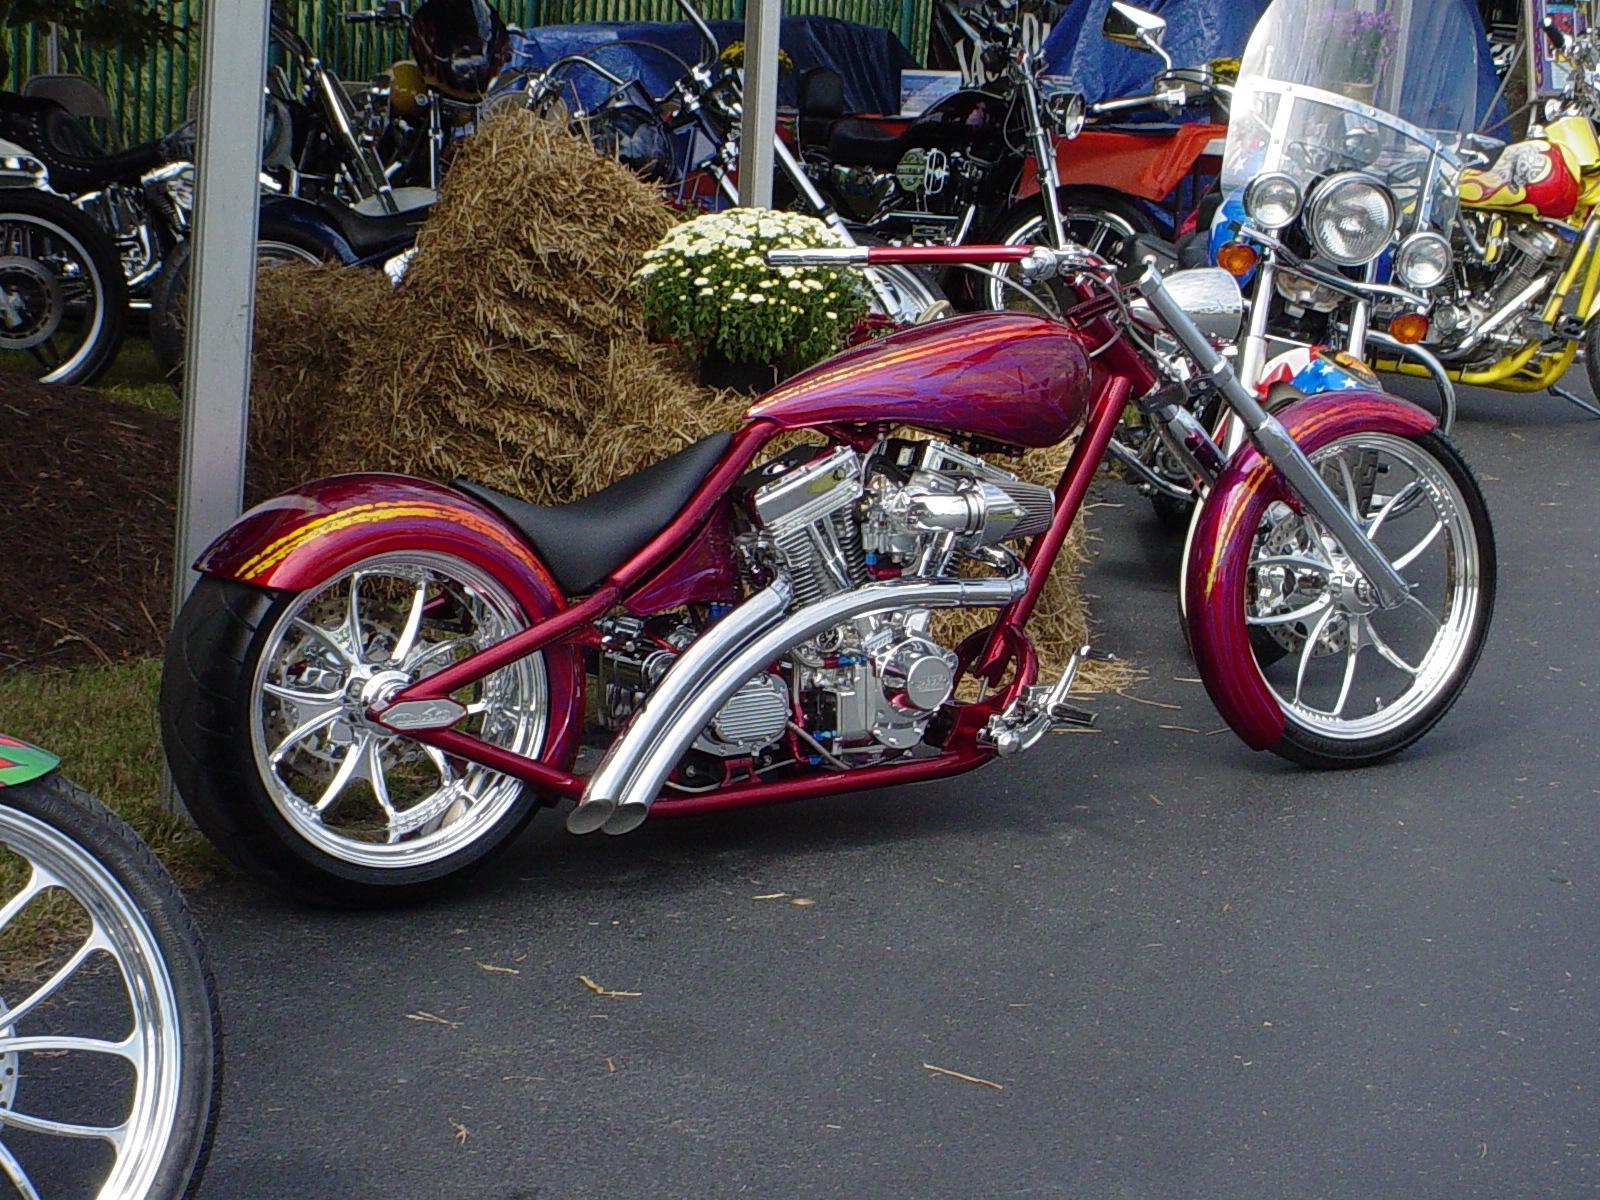 http://2.bp.blogspot.com/-P4hmYfbvl7U/UIz7kQuAQqI/AAAAAAAAAcM/zKkM4dof5lk/s1600/Chopper_High_Performance.jpg